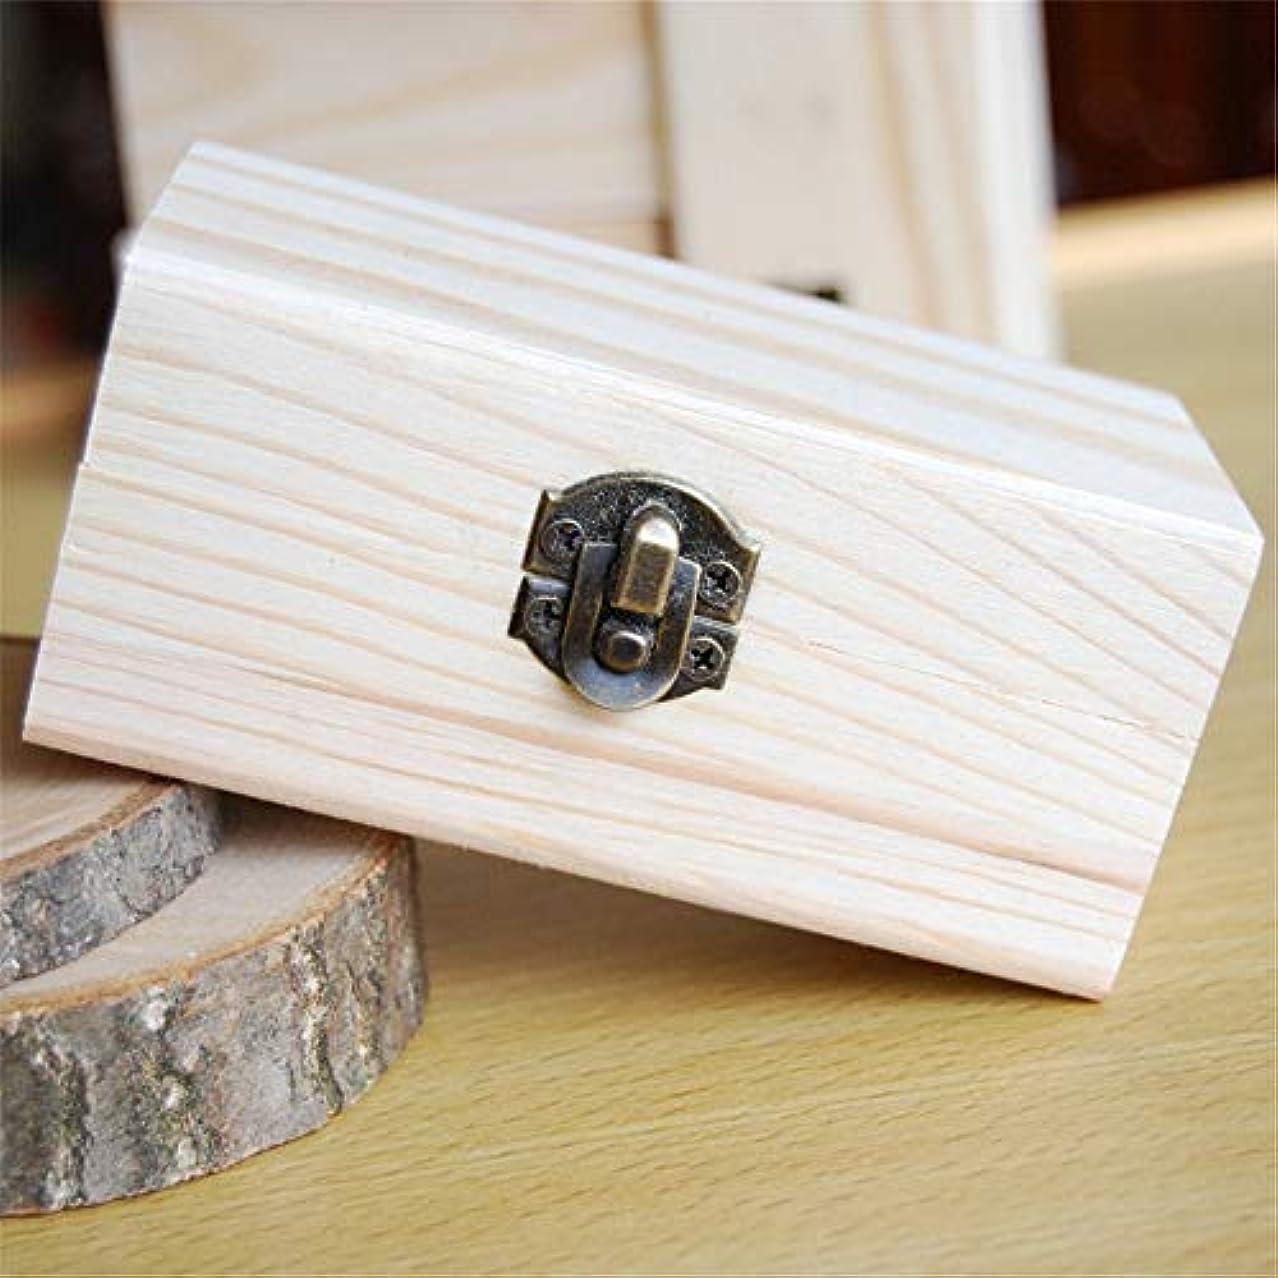 野生意気込みアンビエントエッセンシャルオイルストレージボックス 品質の木製エッセンシャルオイルストレージボックス安全に油を維持するためのベスト 旅行およびプレゼンテーション用 (色 : Natural, サイズ : 10X6X5CM)